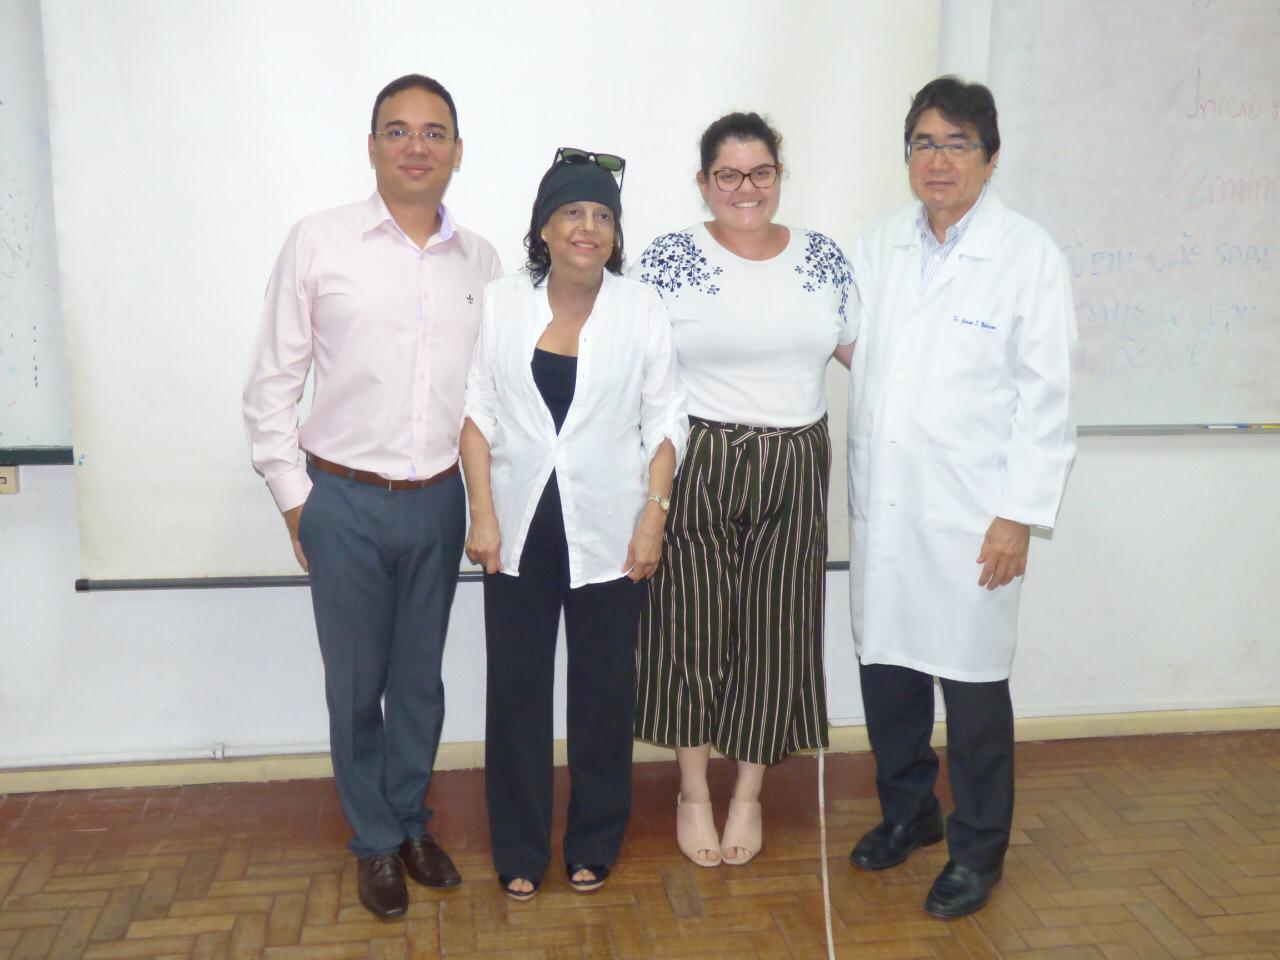 Nutricionista oncológico obtém título de Mestre em Cirurgia